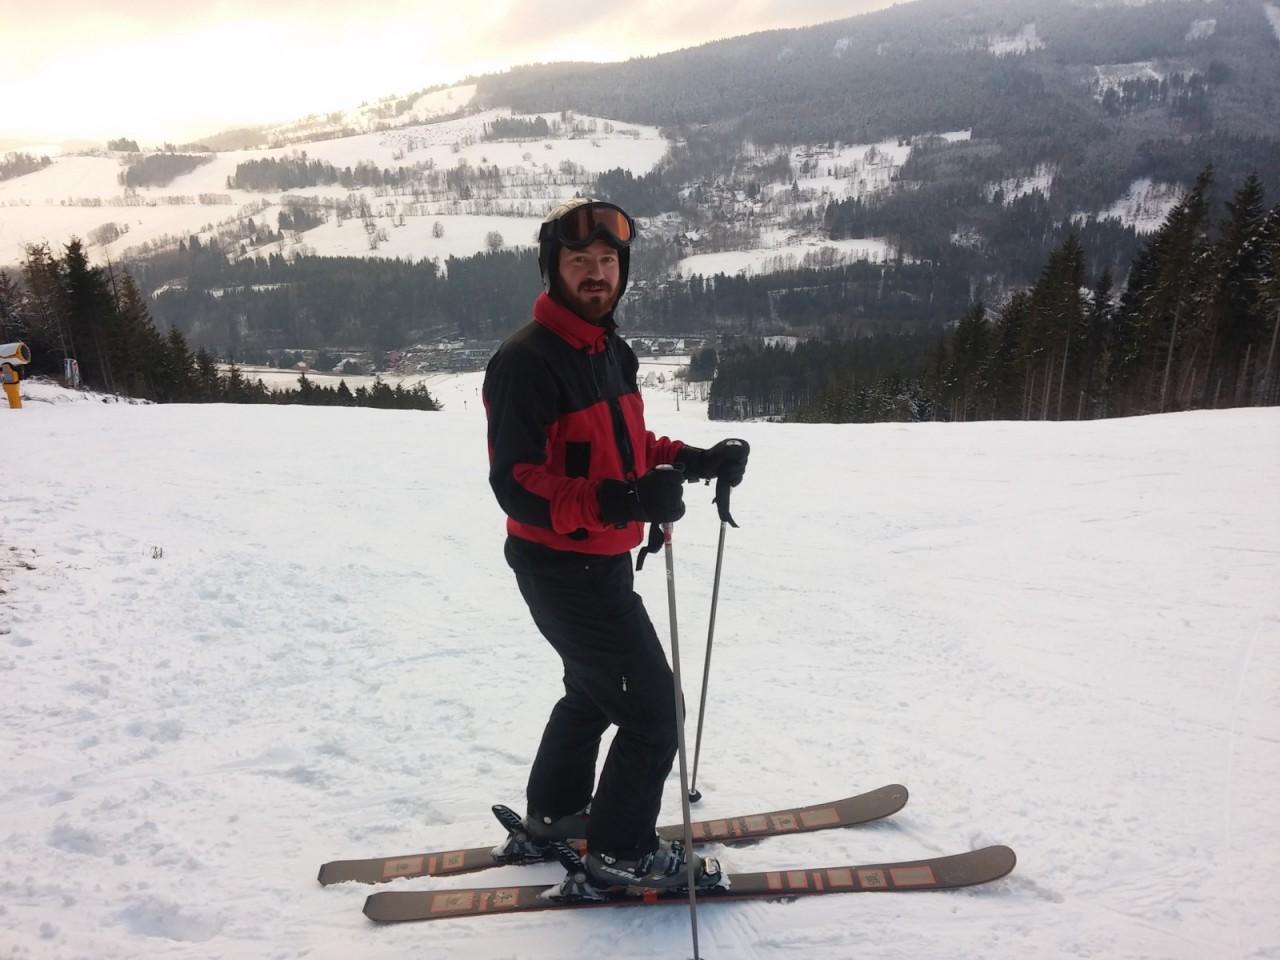 Nareszcie na własnych The Ski.